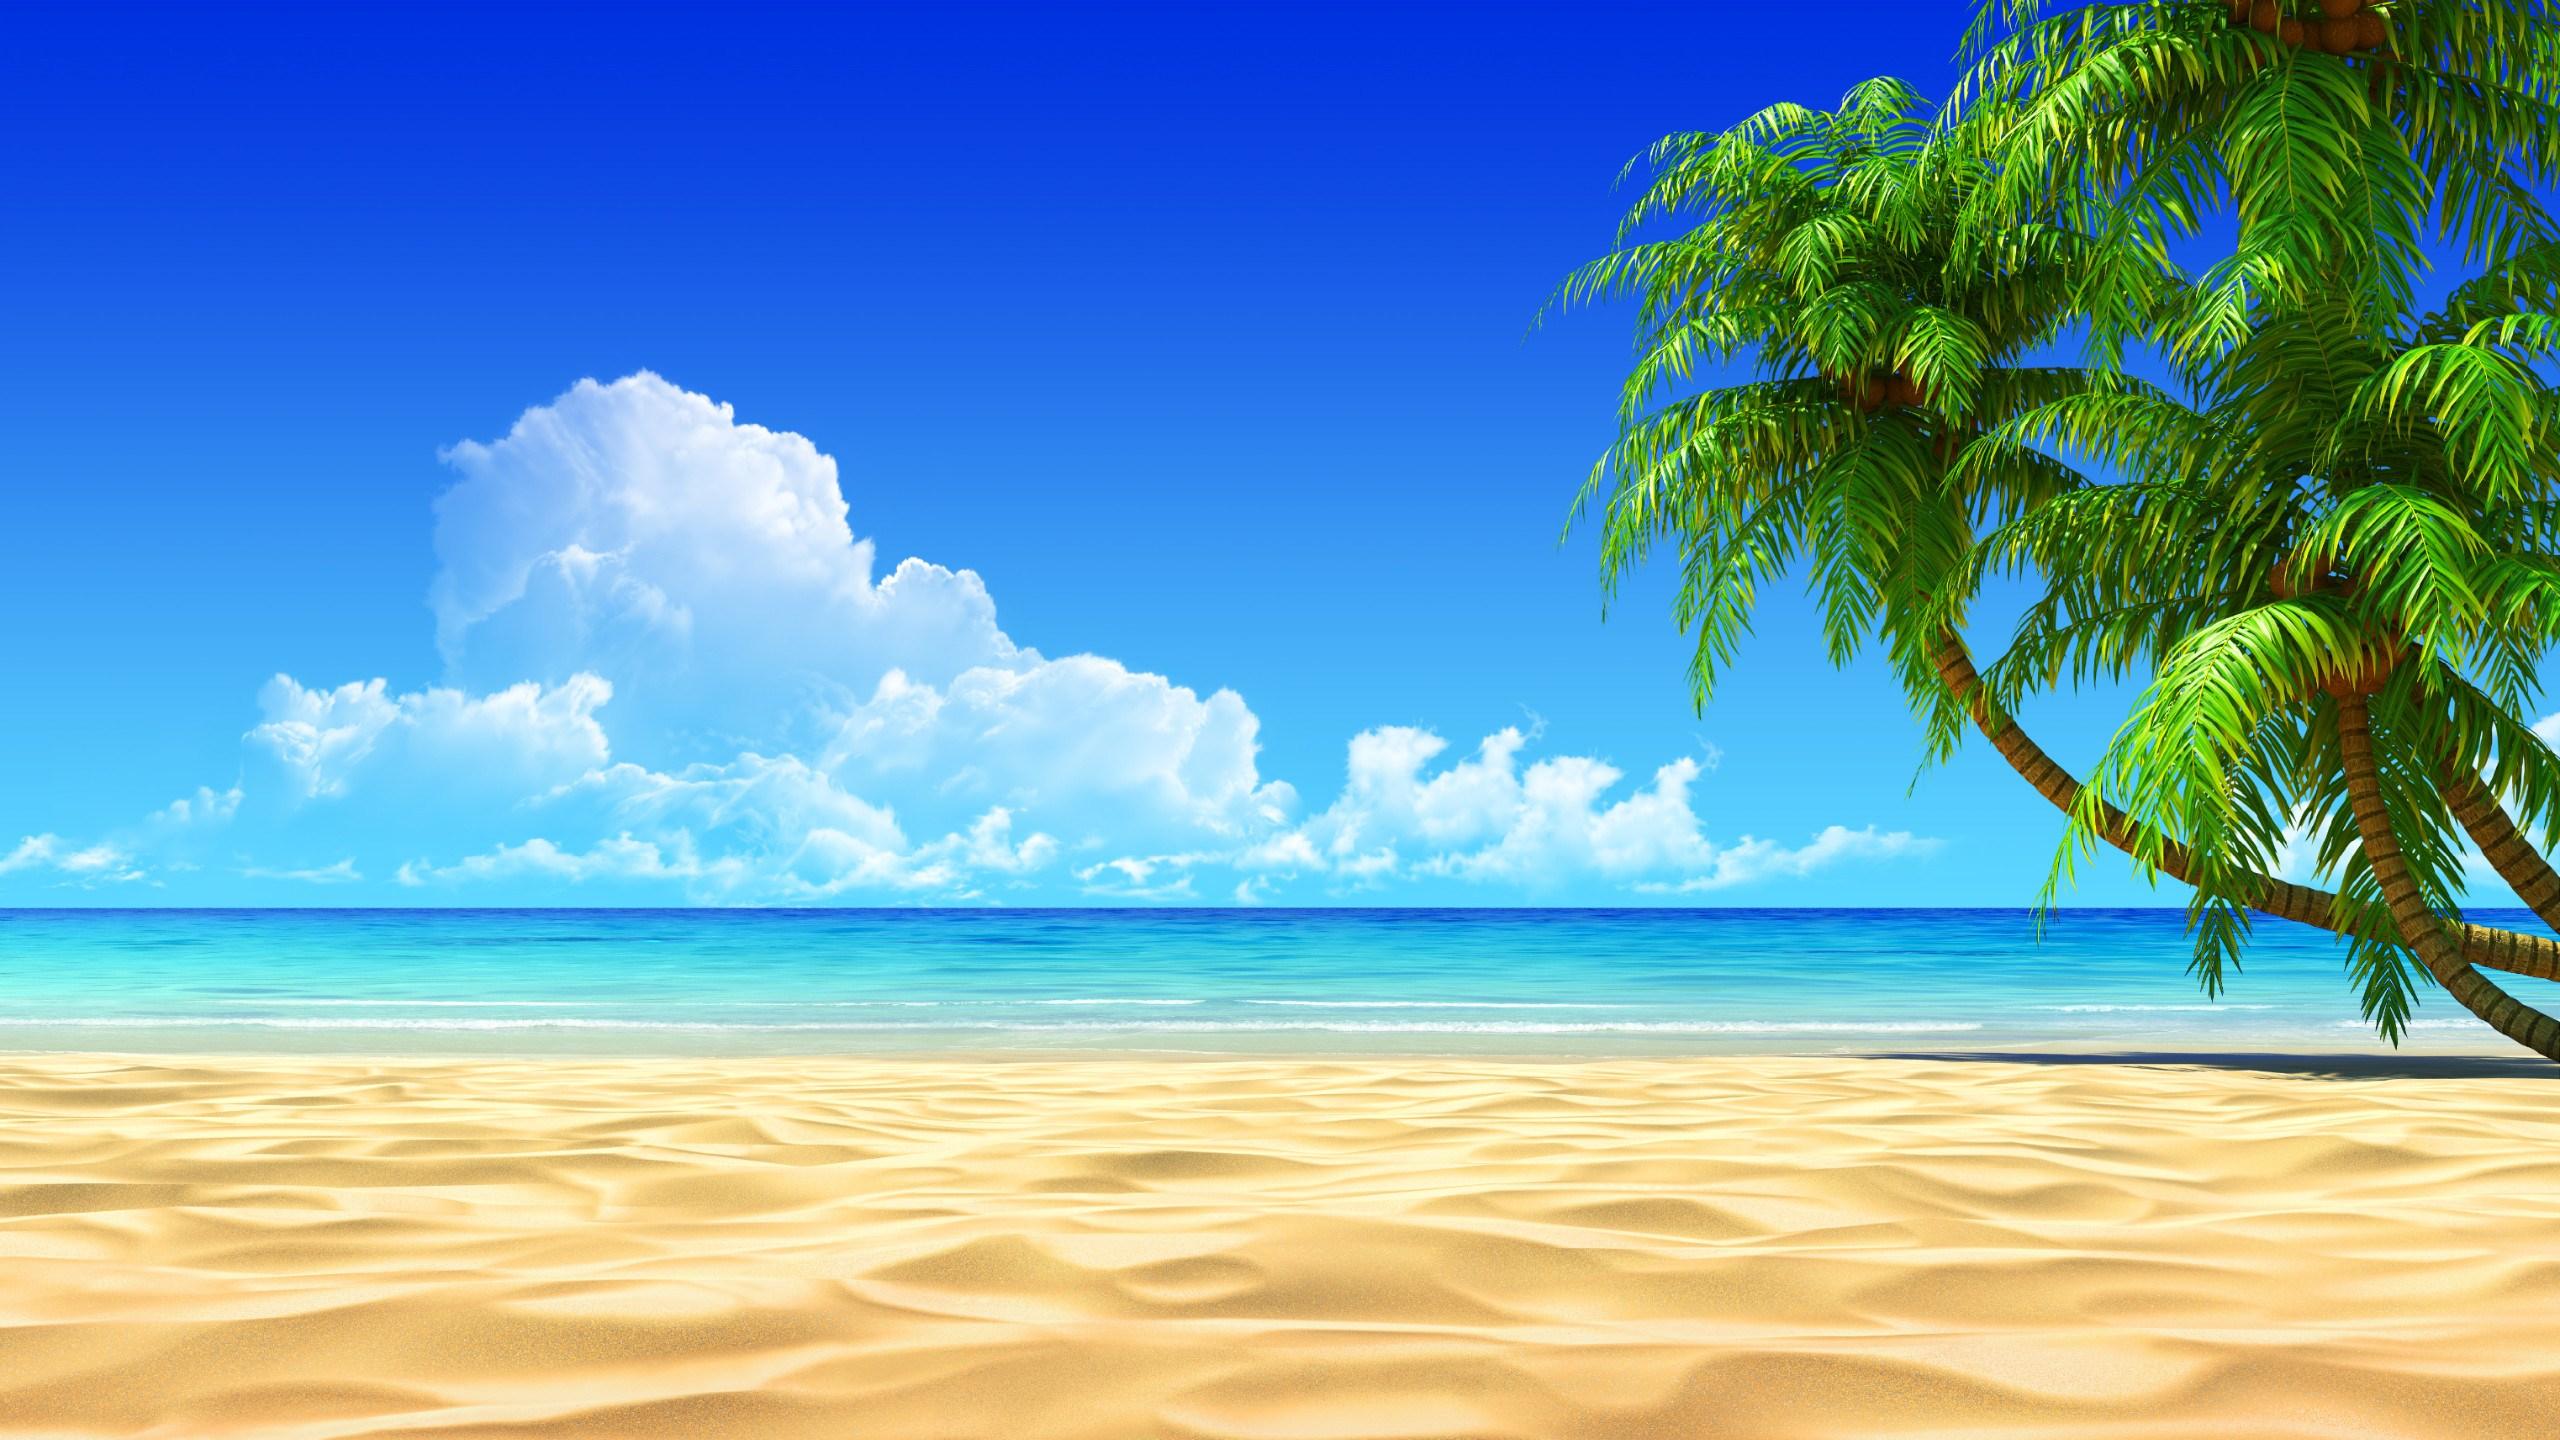 Hình nền máy tính cảnh biển tuyệt đẹp